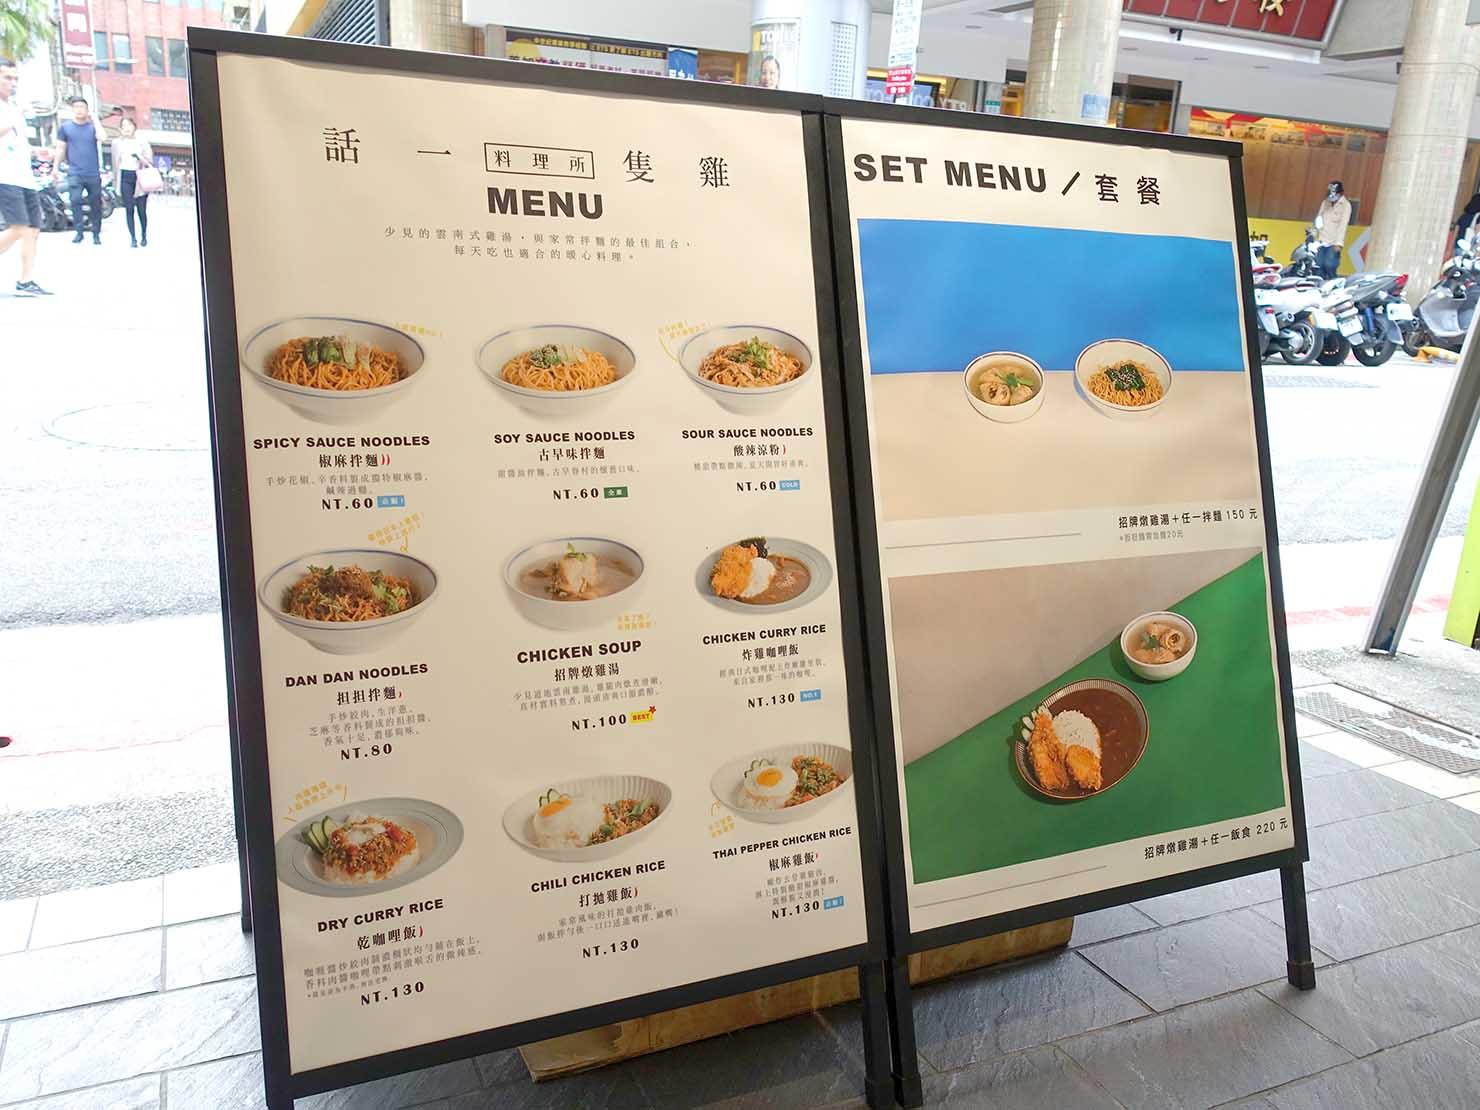 台北駅前エリア(前站)のおすすめグルメ店「話一隻雞」のメニュー